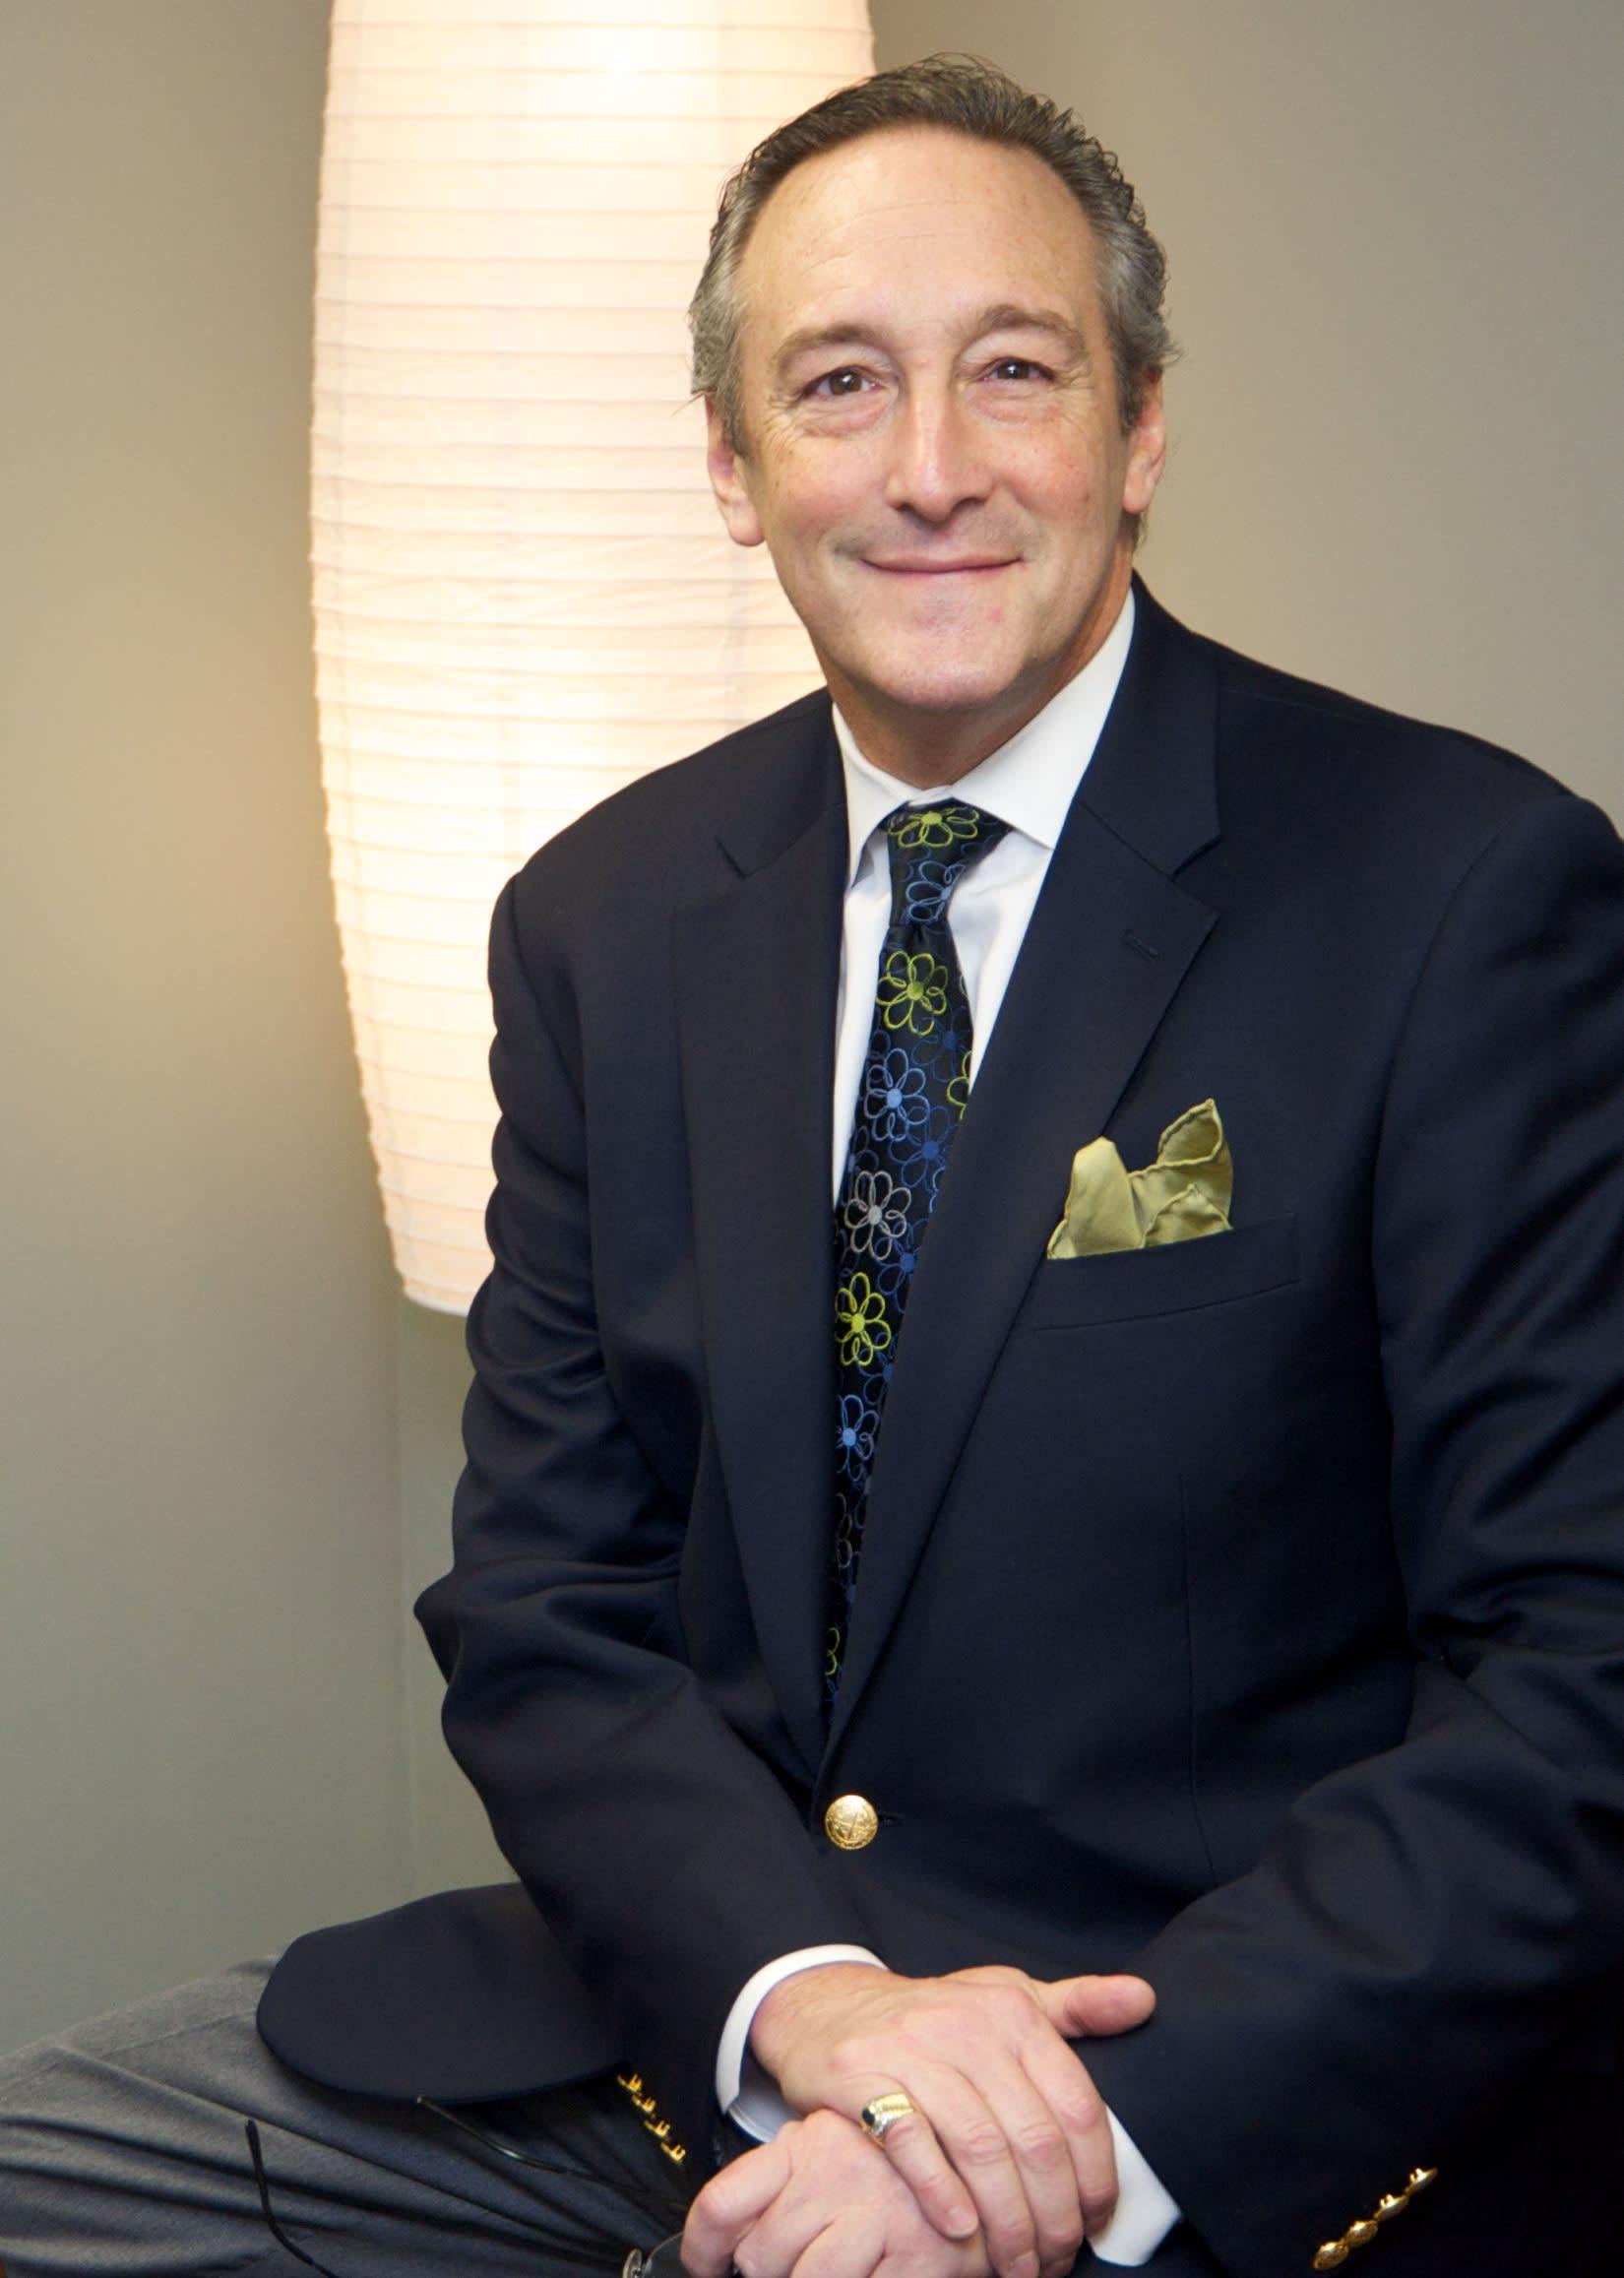 Elliot Foster, DC Chiropractor